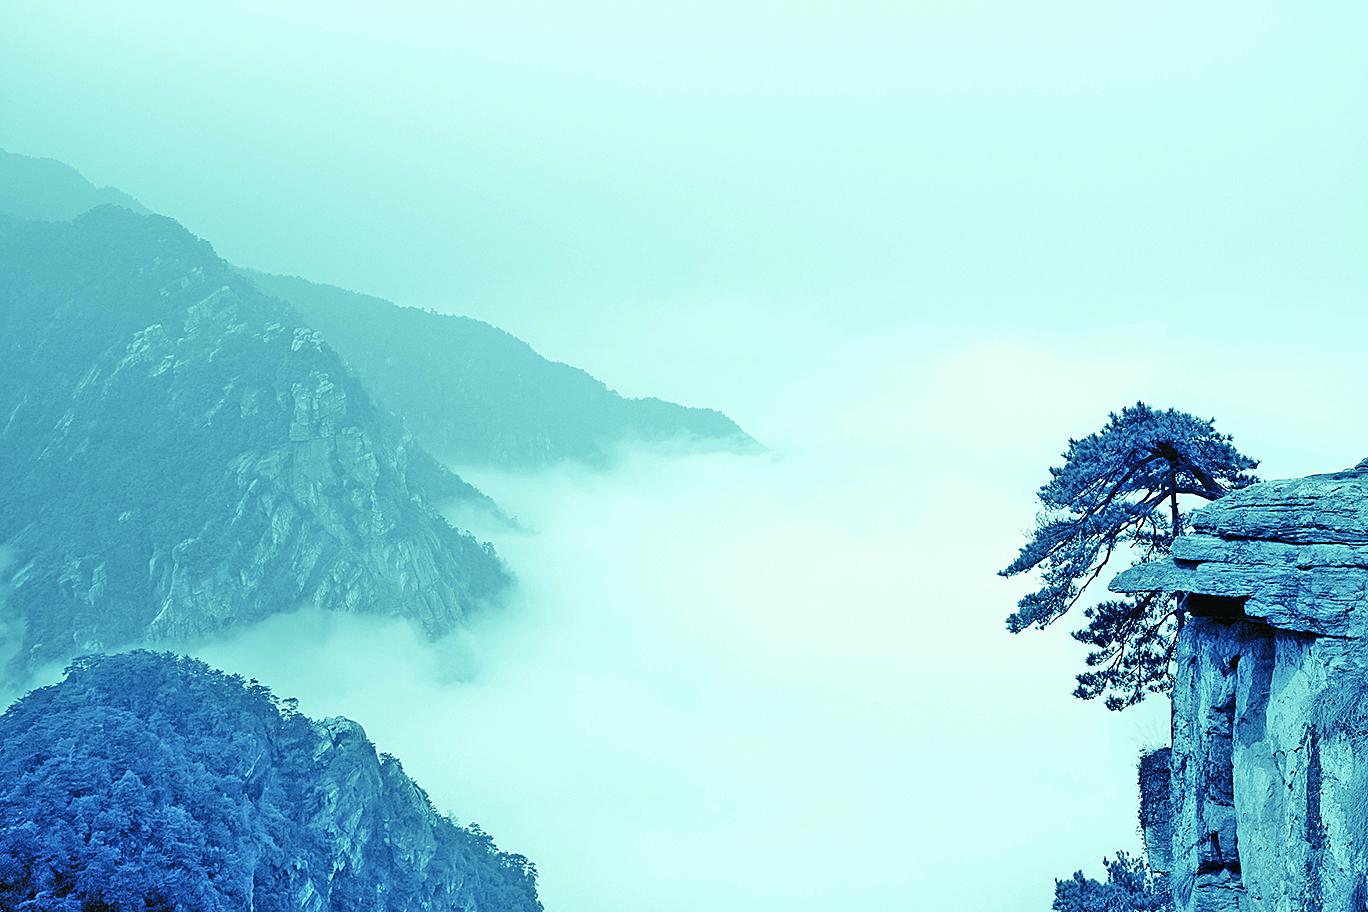 【名句人生】不識廬山真面目 只緣身在此山中